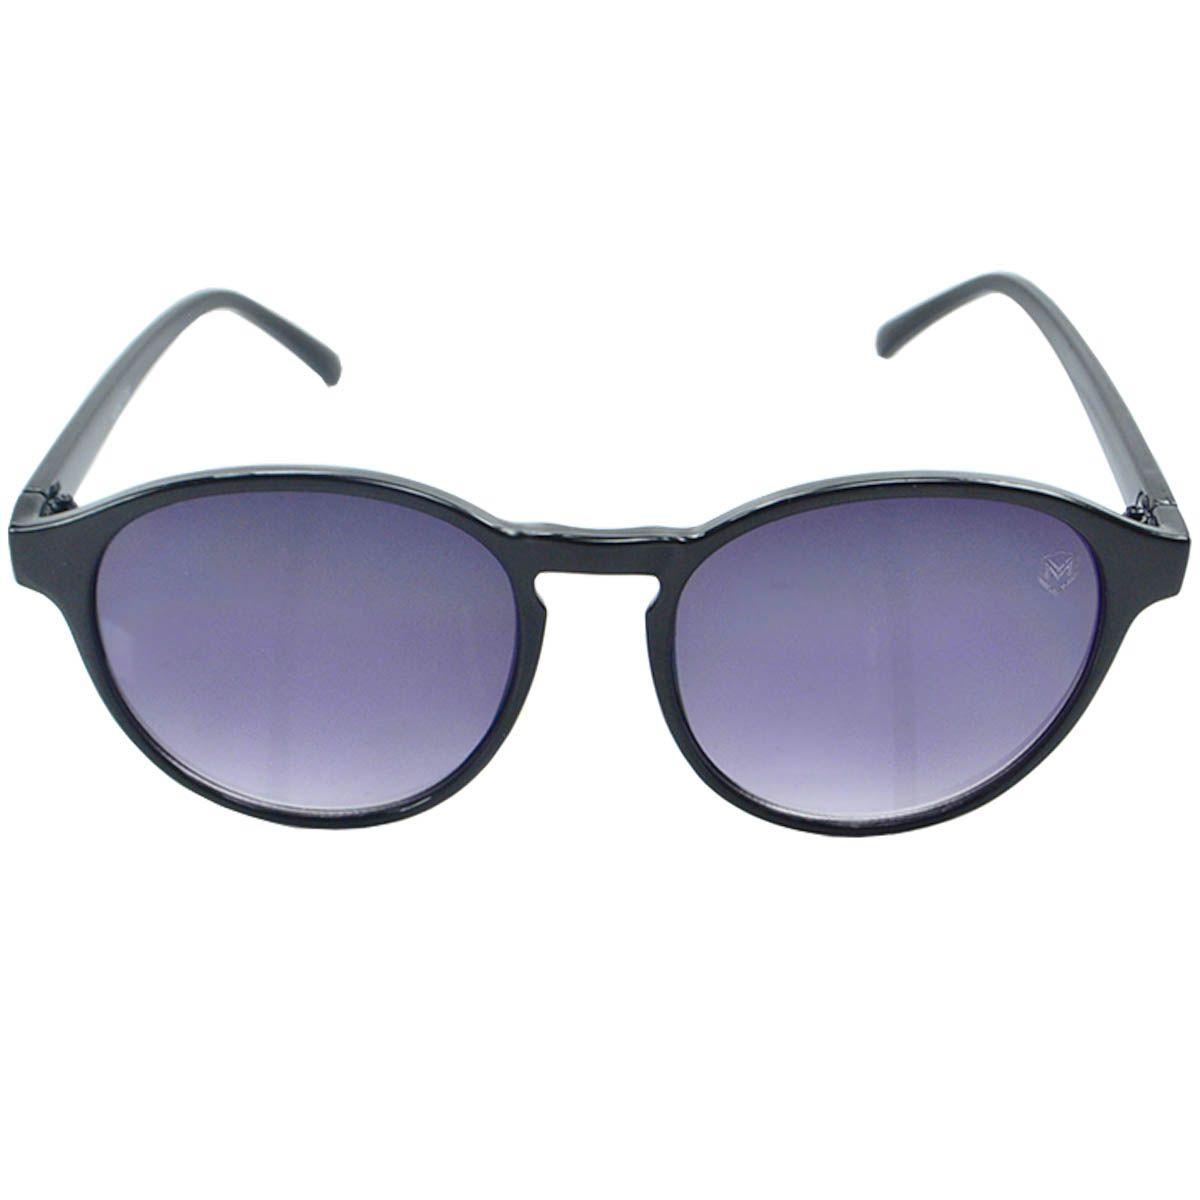 Óculos de Sol Redondo Unissex Mackage MK047 Preto